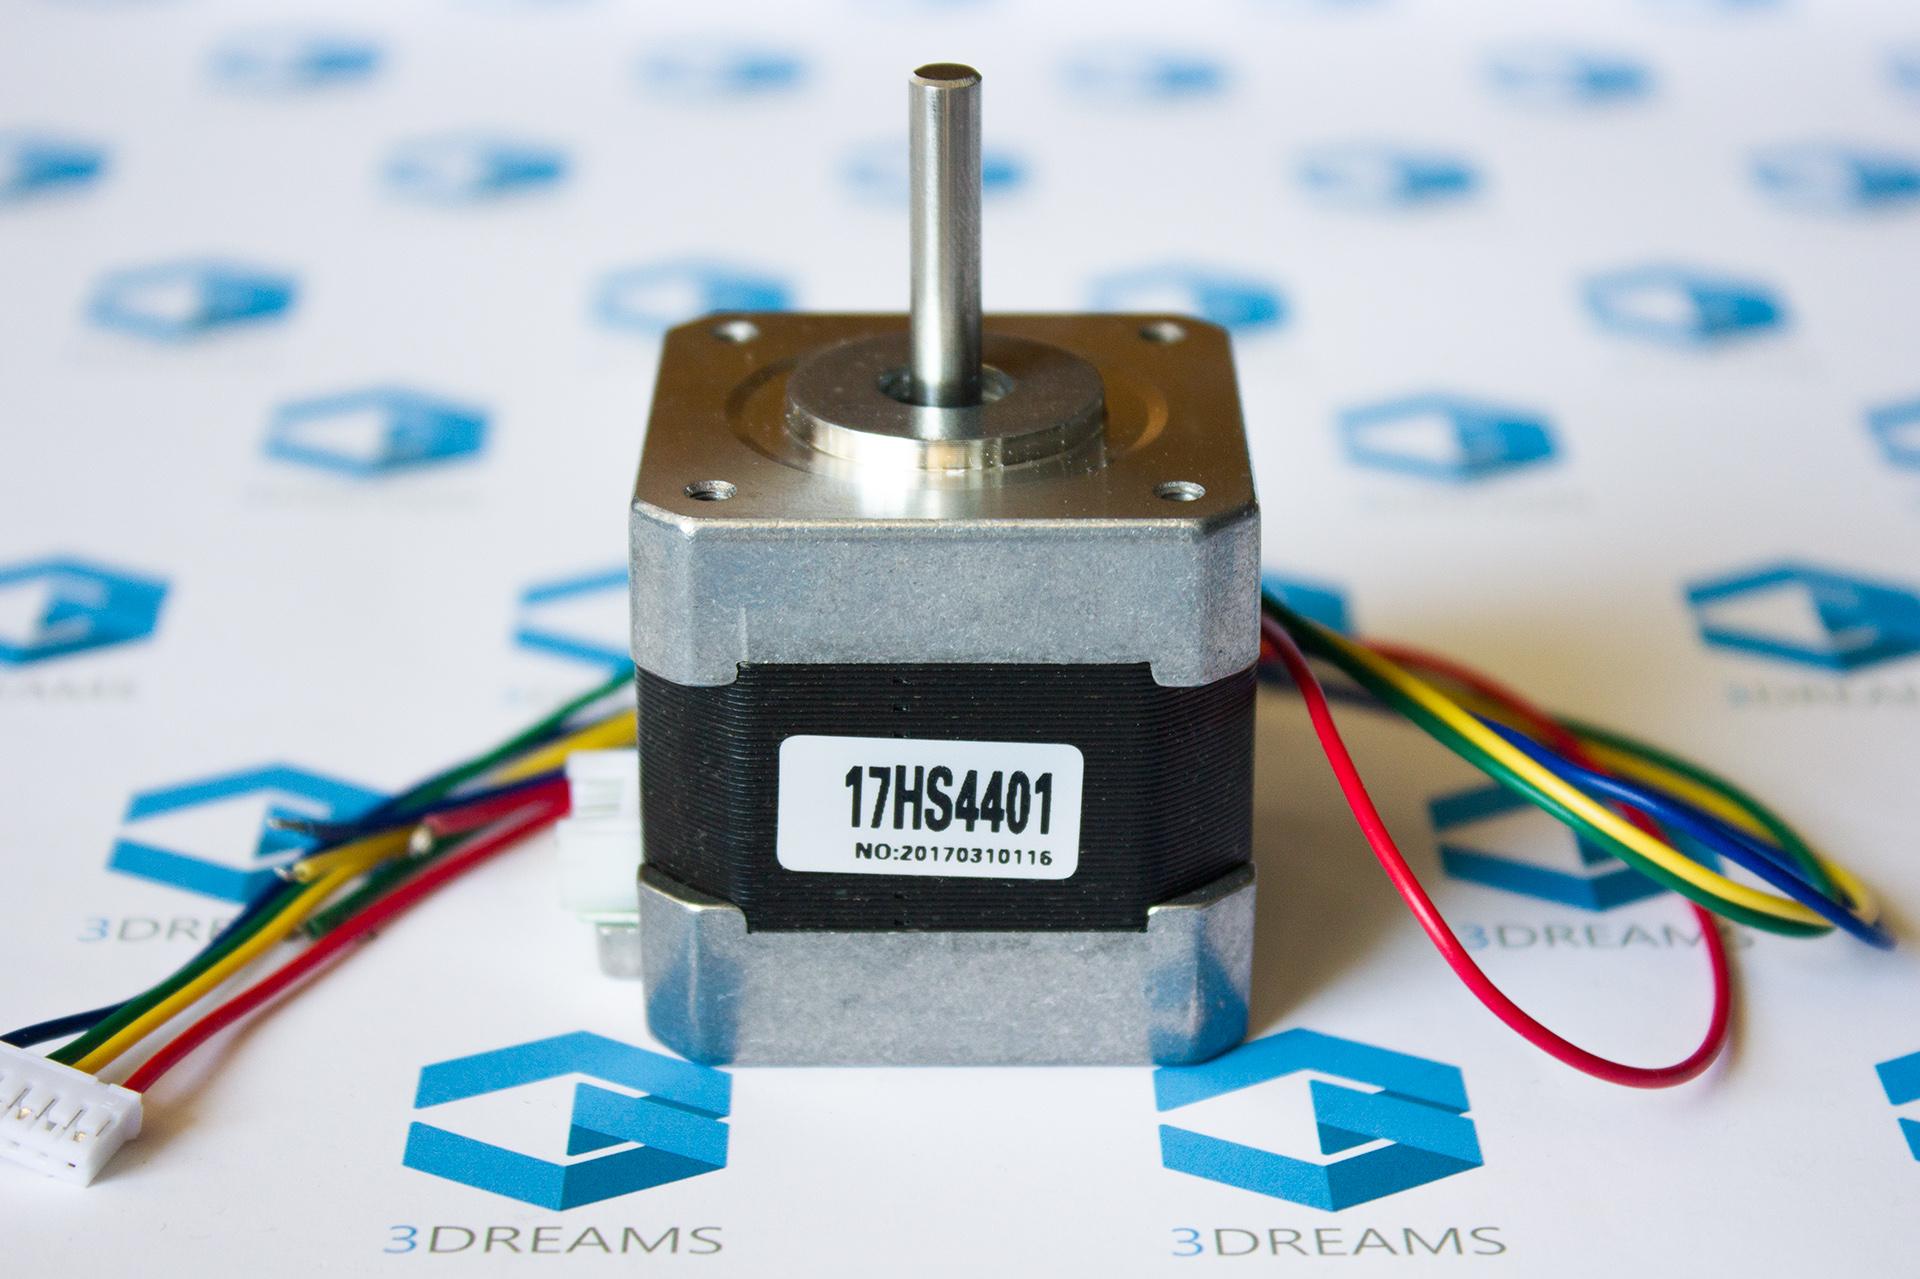 Кроковий-двигун-NEMA17-17HS4401-для-3D-принтера-купити-київ-харків-дніпро-запоріжжя-одеса-левів (1)